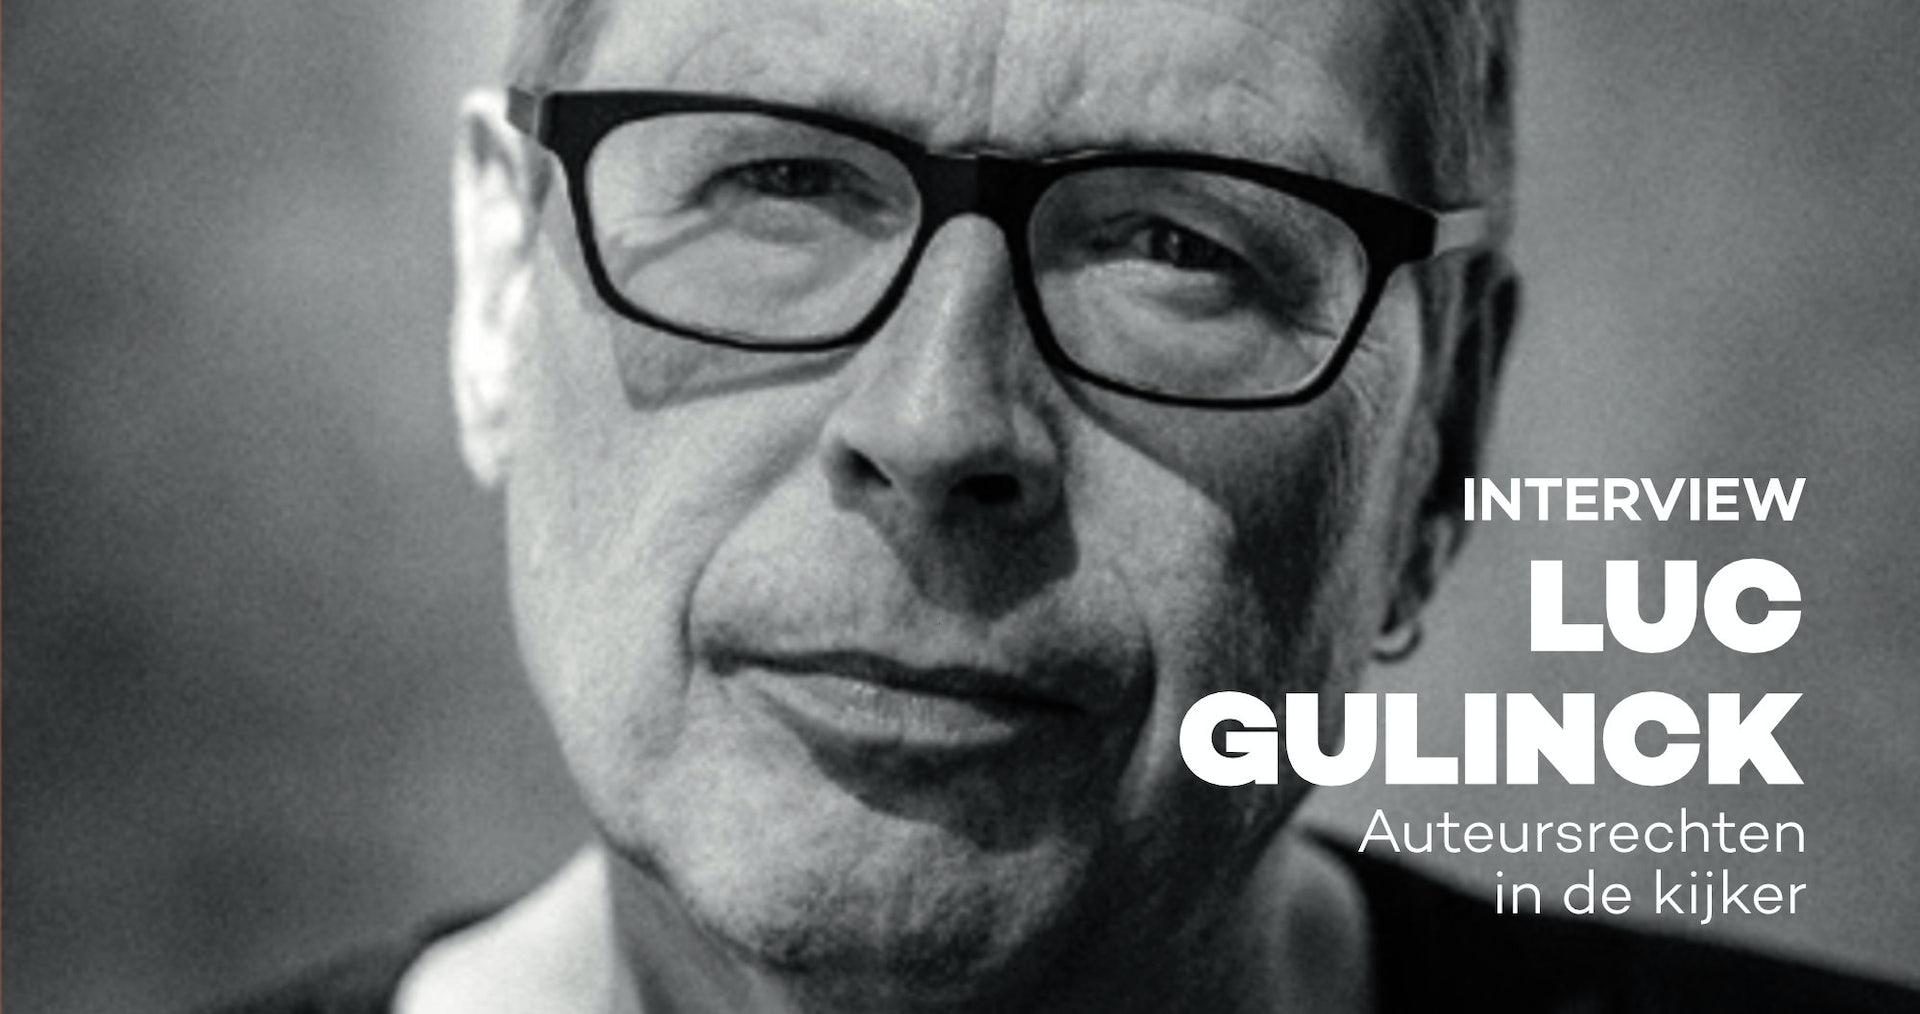 Interview Luc Gulinck - Les droits des auteurs dans l'actualité